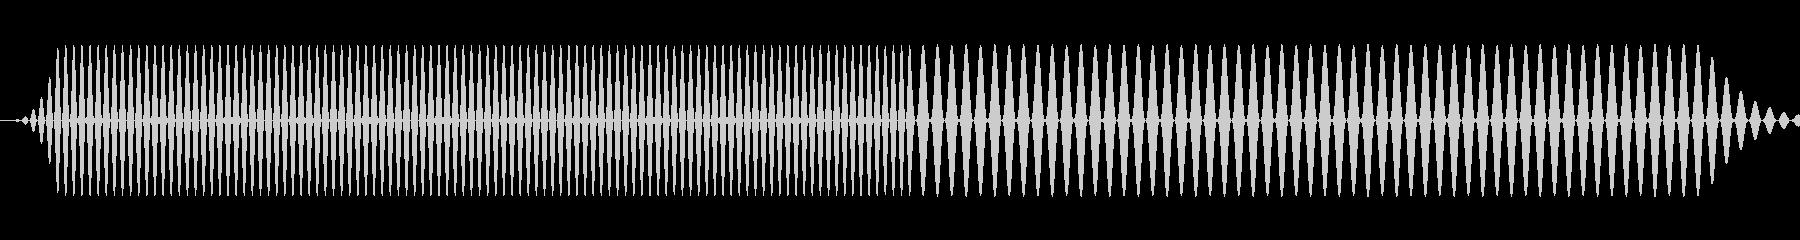 さまざまなピッチでの複数のインター...の未再生の波形